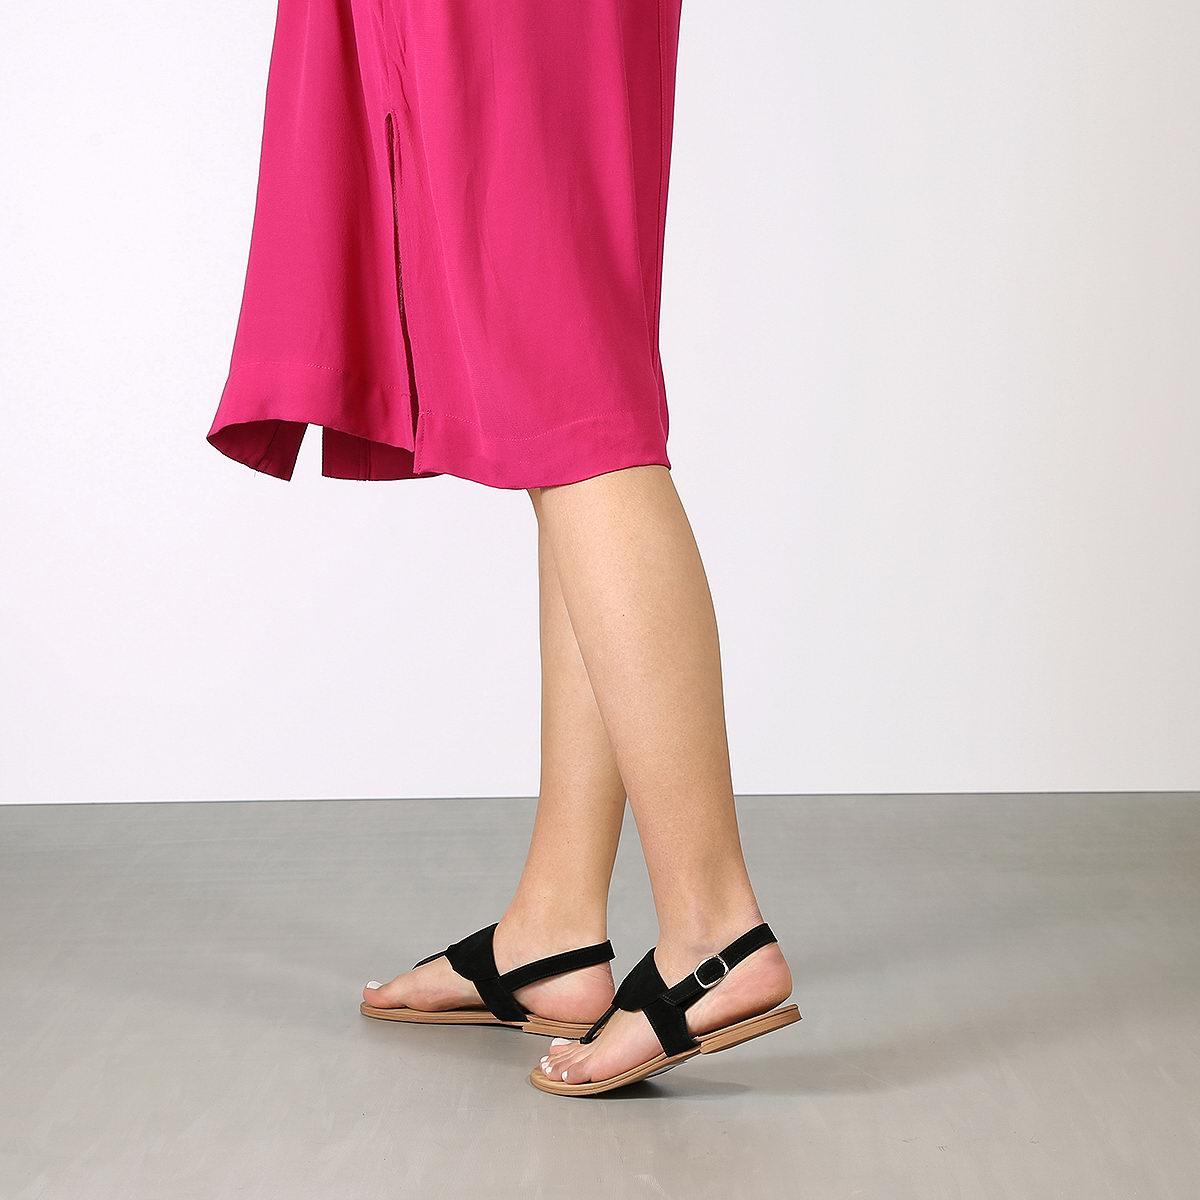 בלעדי לאתר: דגם ביילס: סנדלים שטוחים לנשים